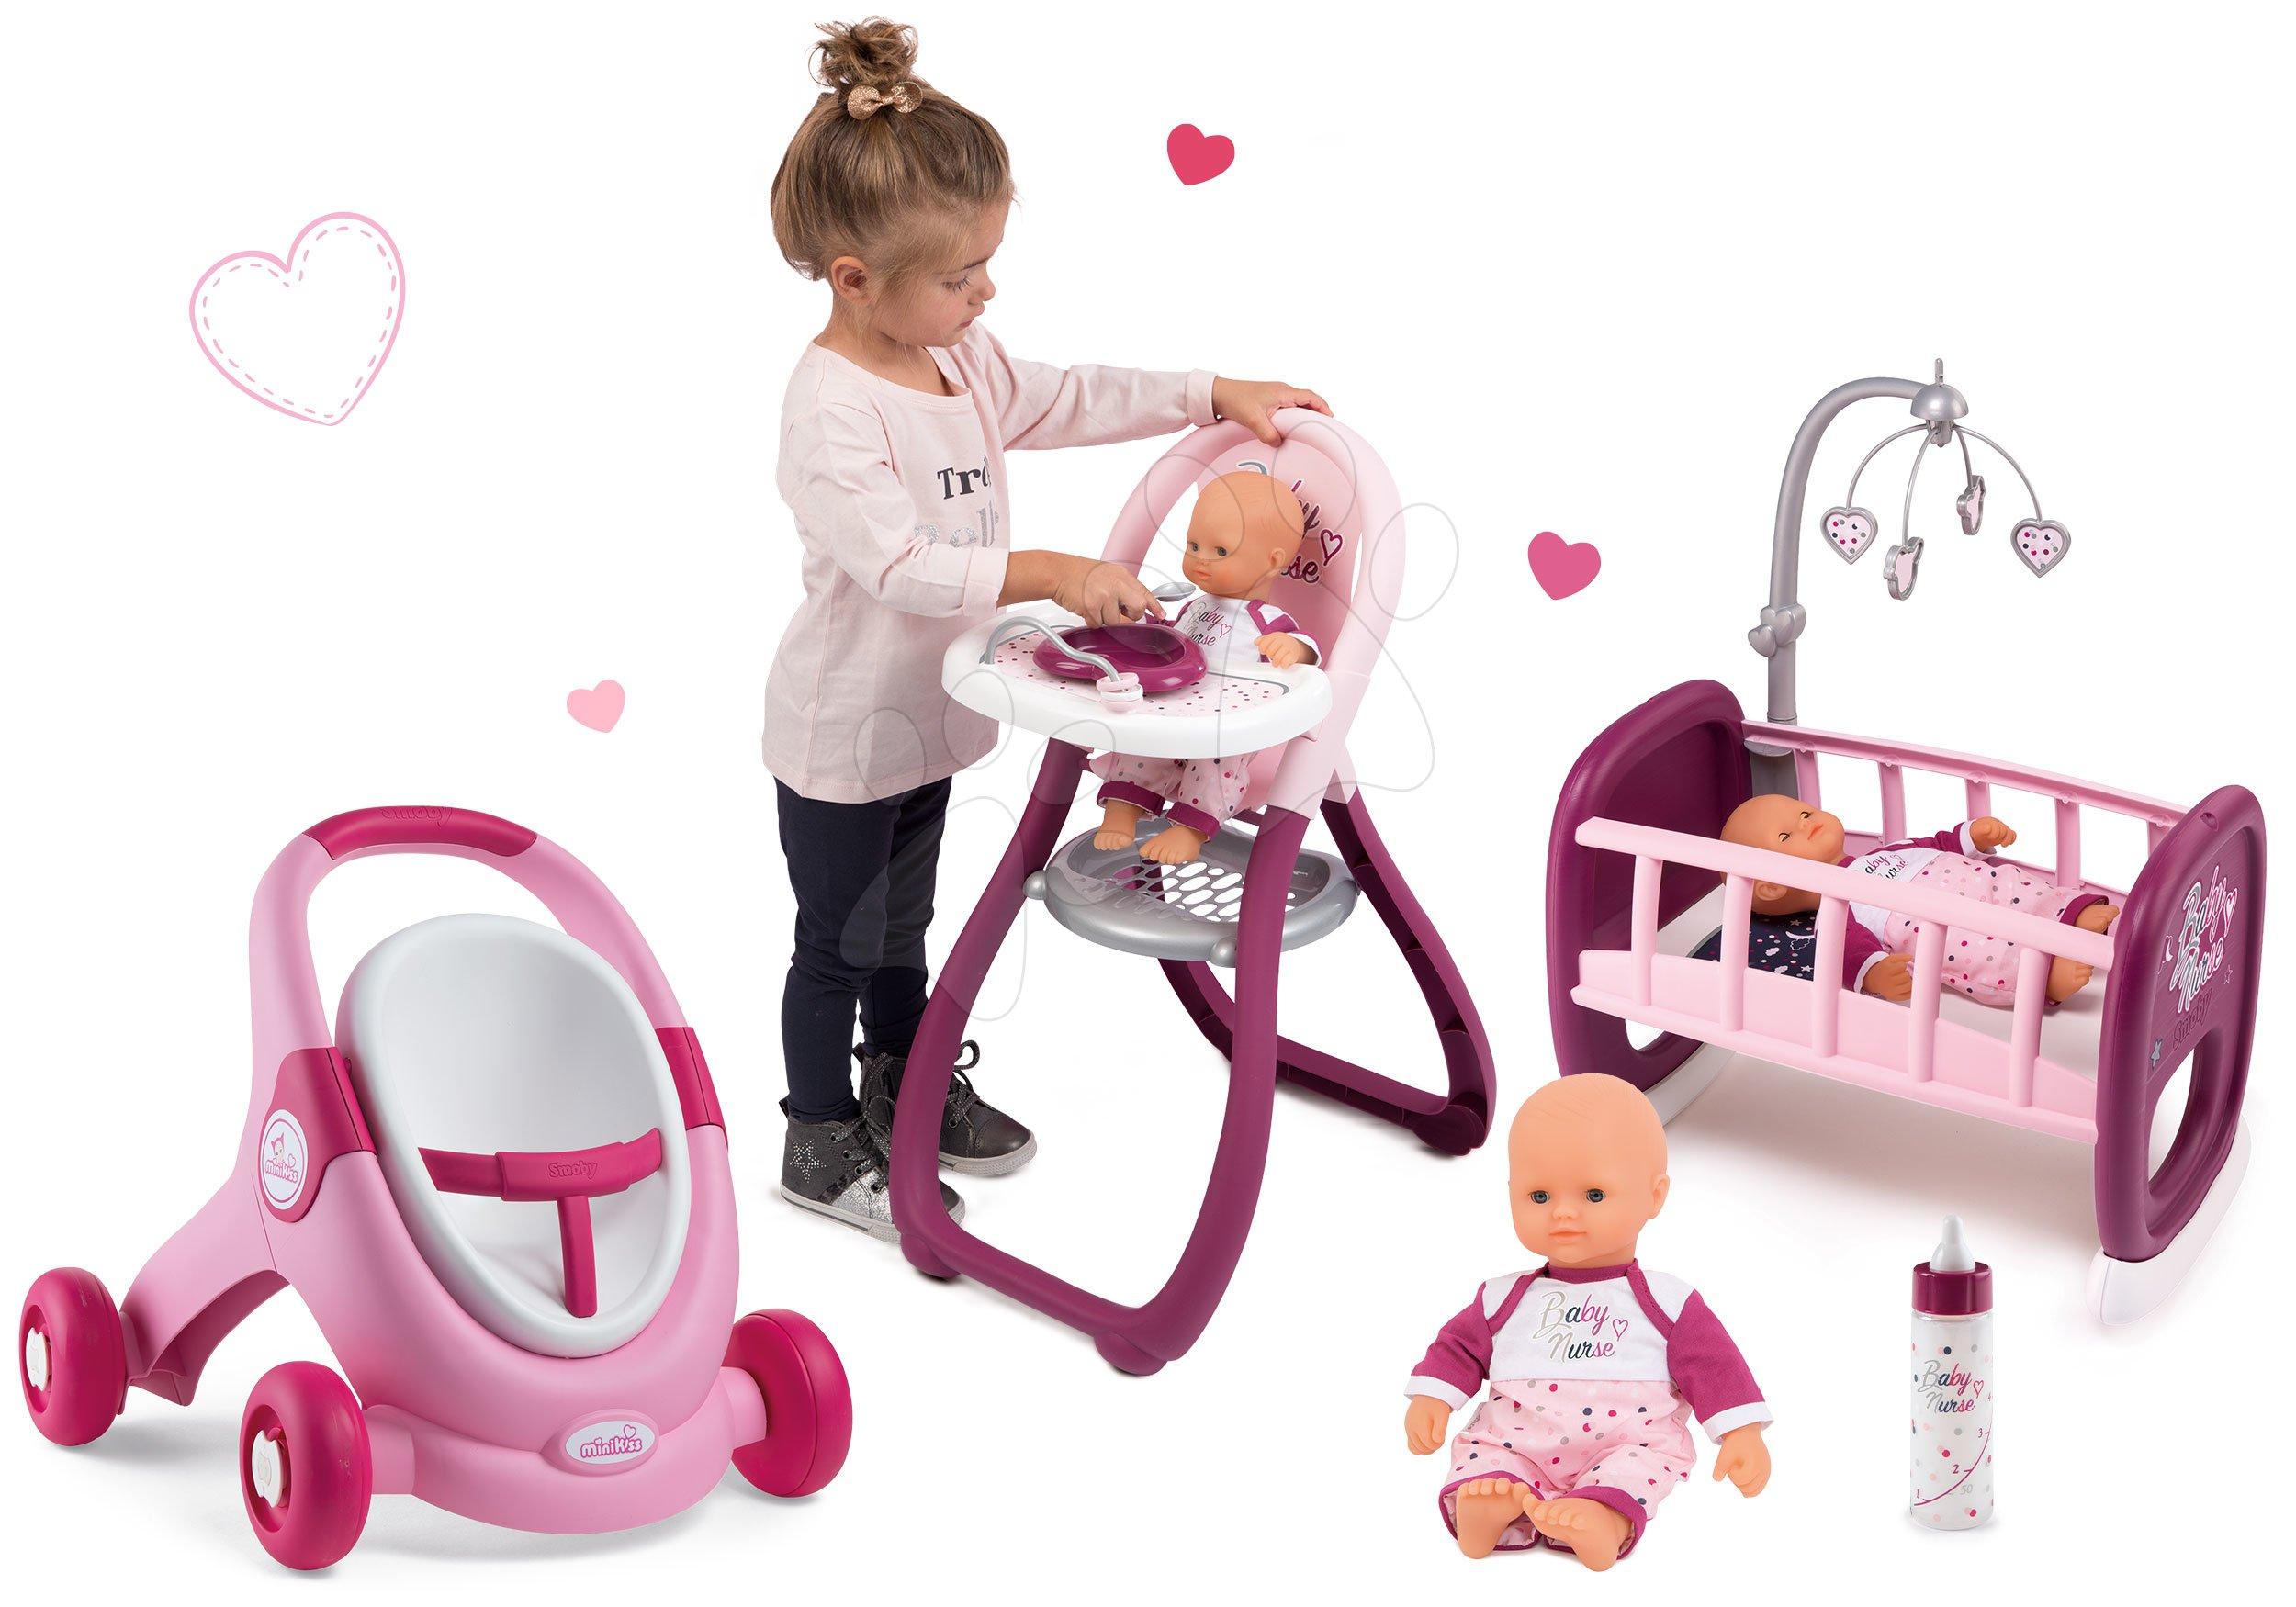 Dětská chodítka - Set kočárek pro panenku a chodítko 2v1 MiniKiss Smoby a panenka s kolébkou a jídelní židle s láhví